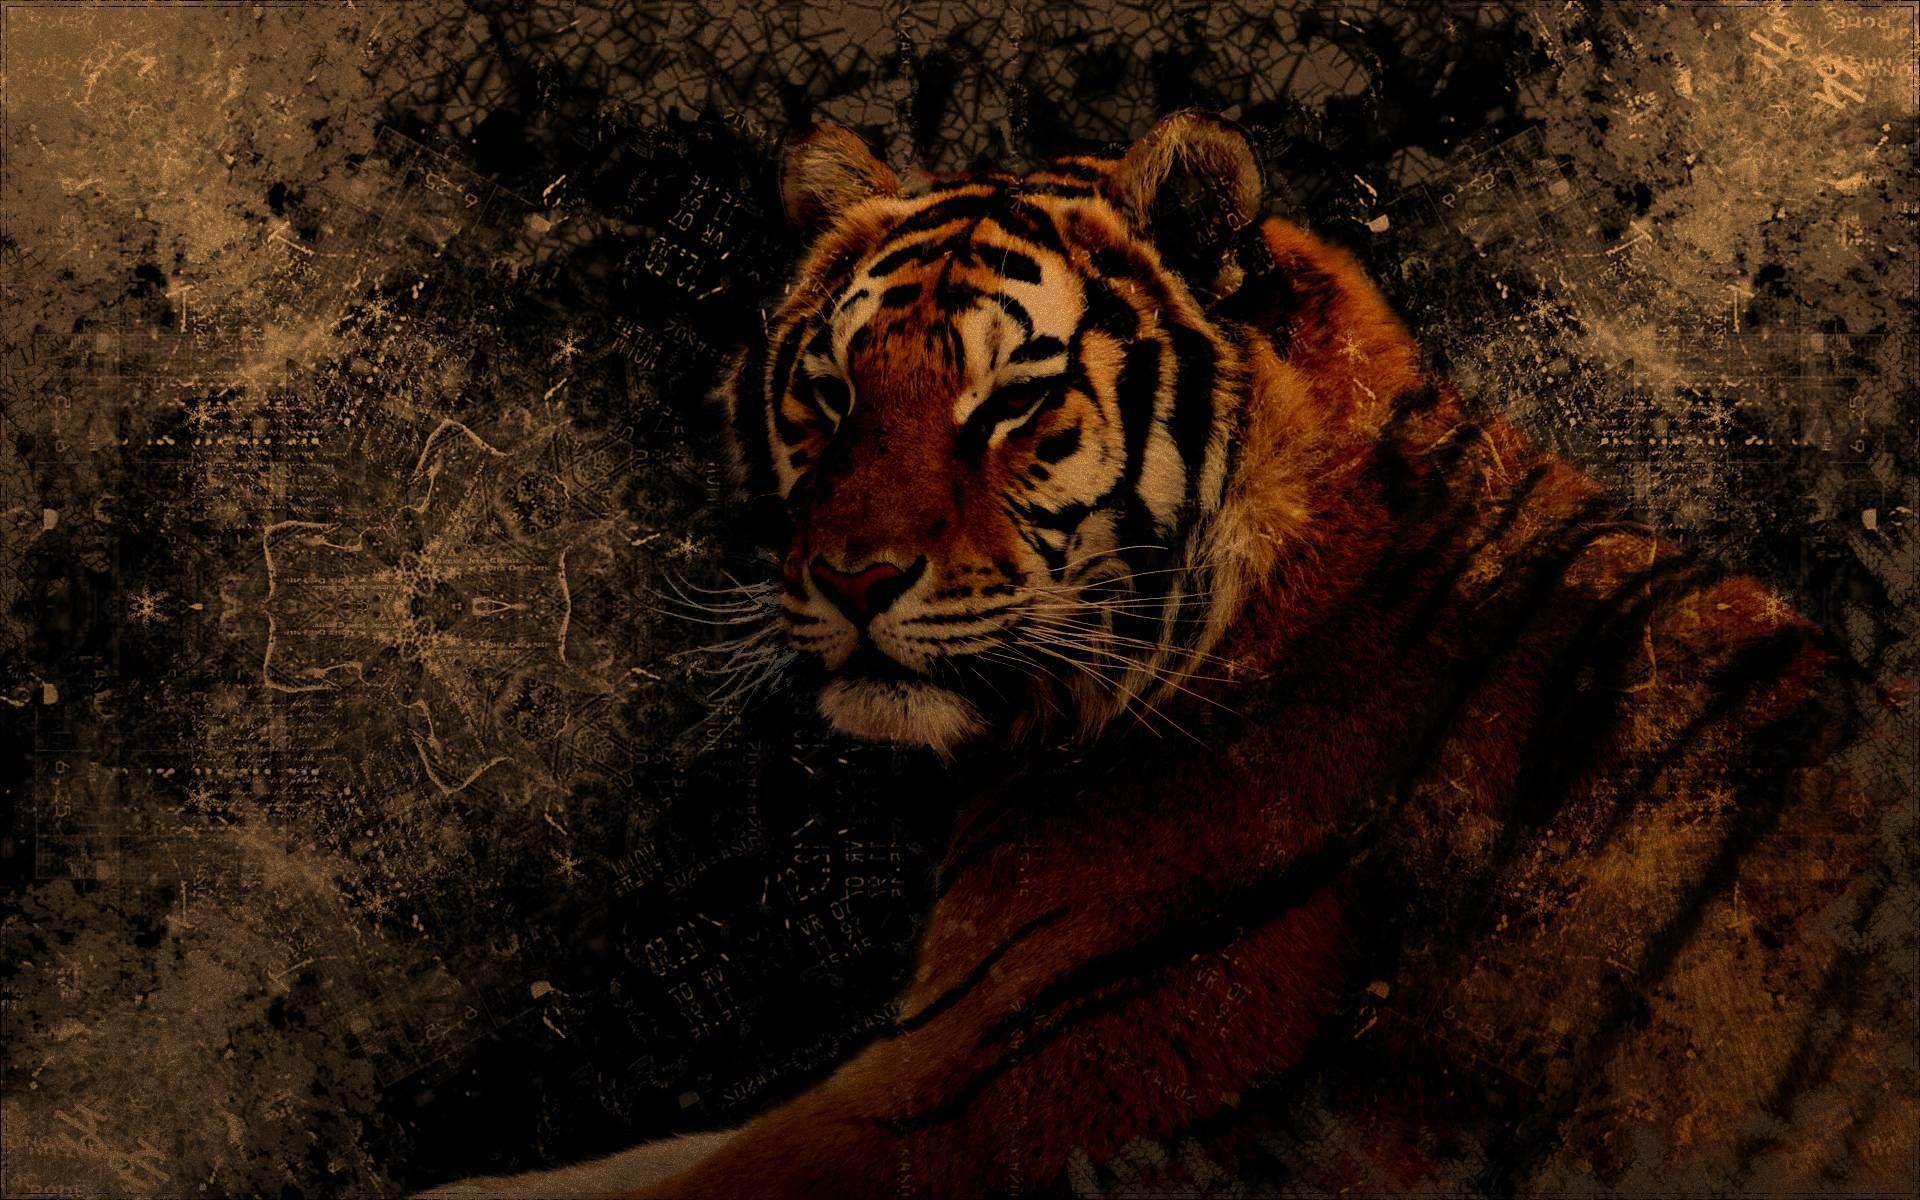 Tiger Art, Full HD Wallpaper